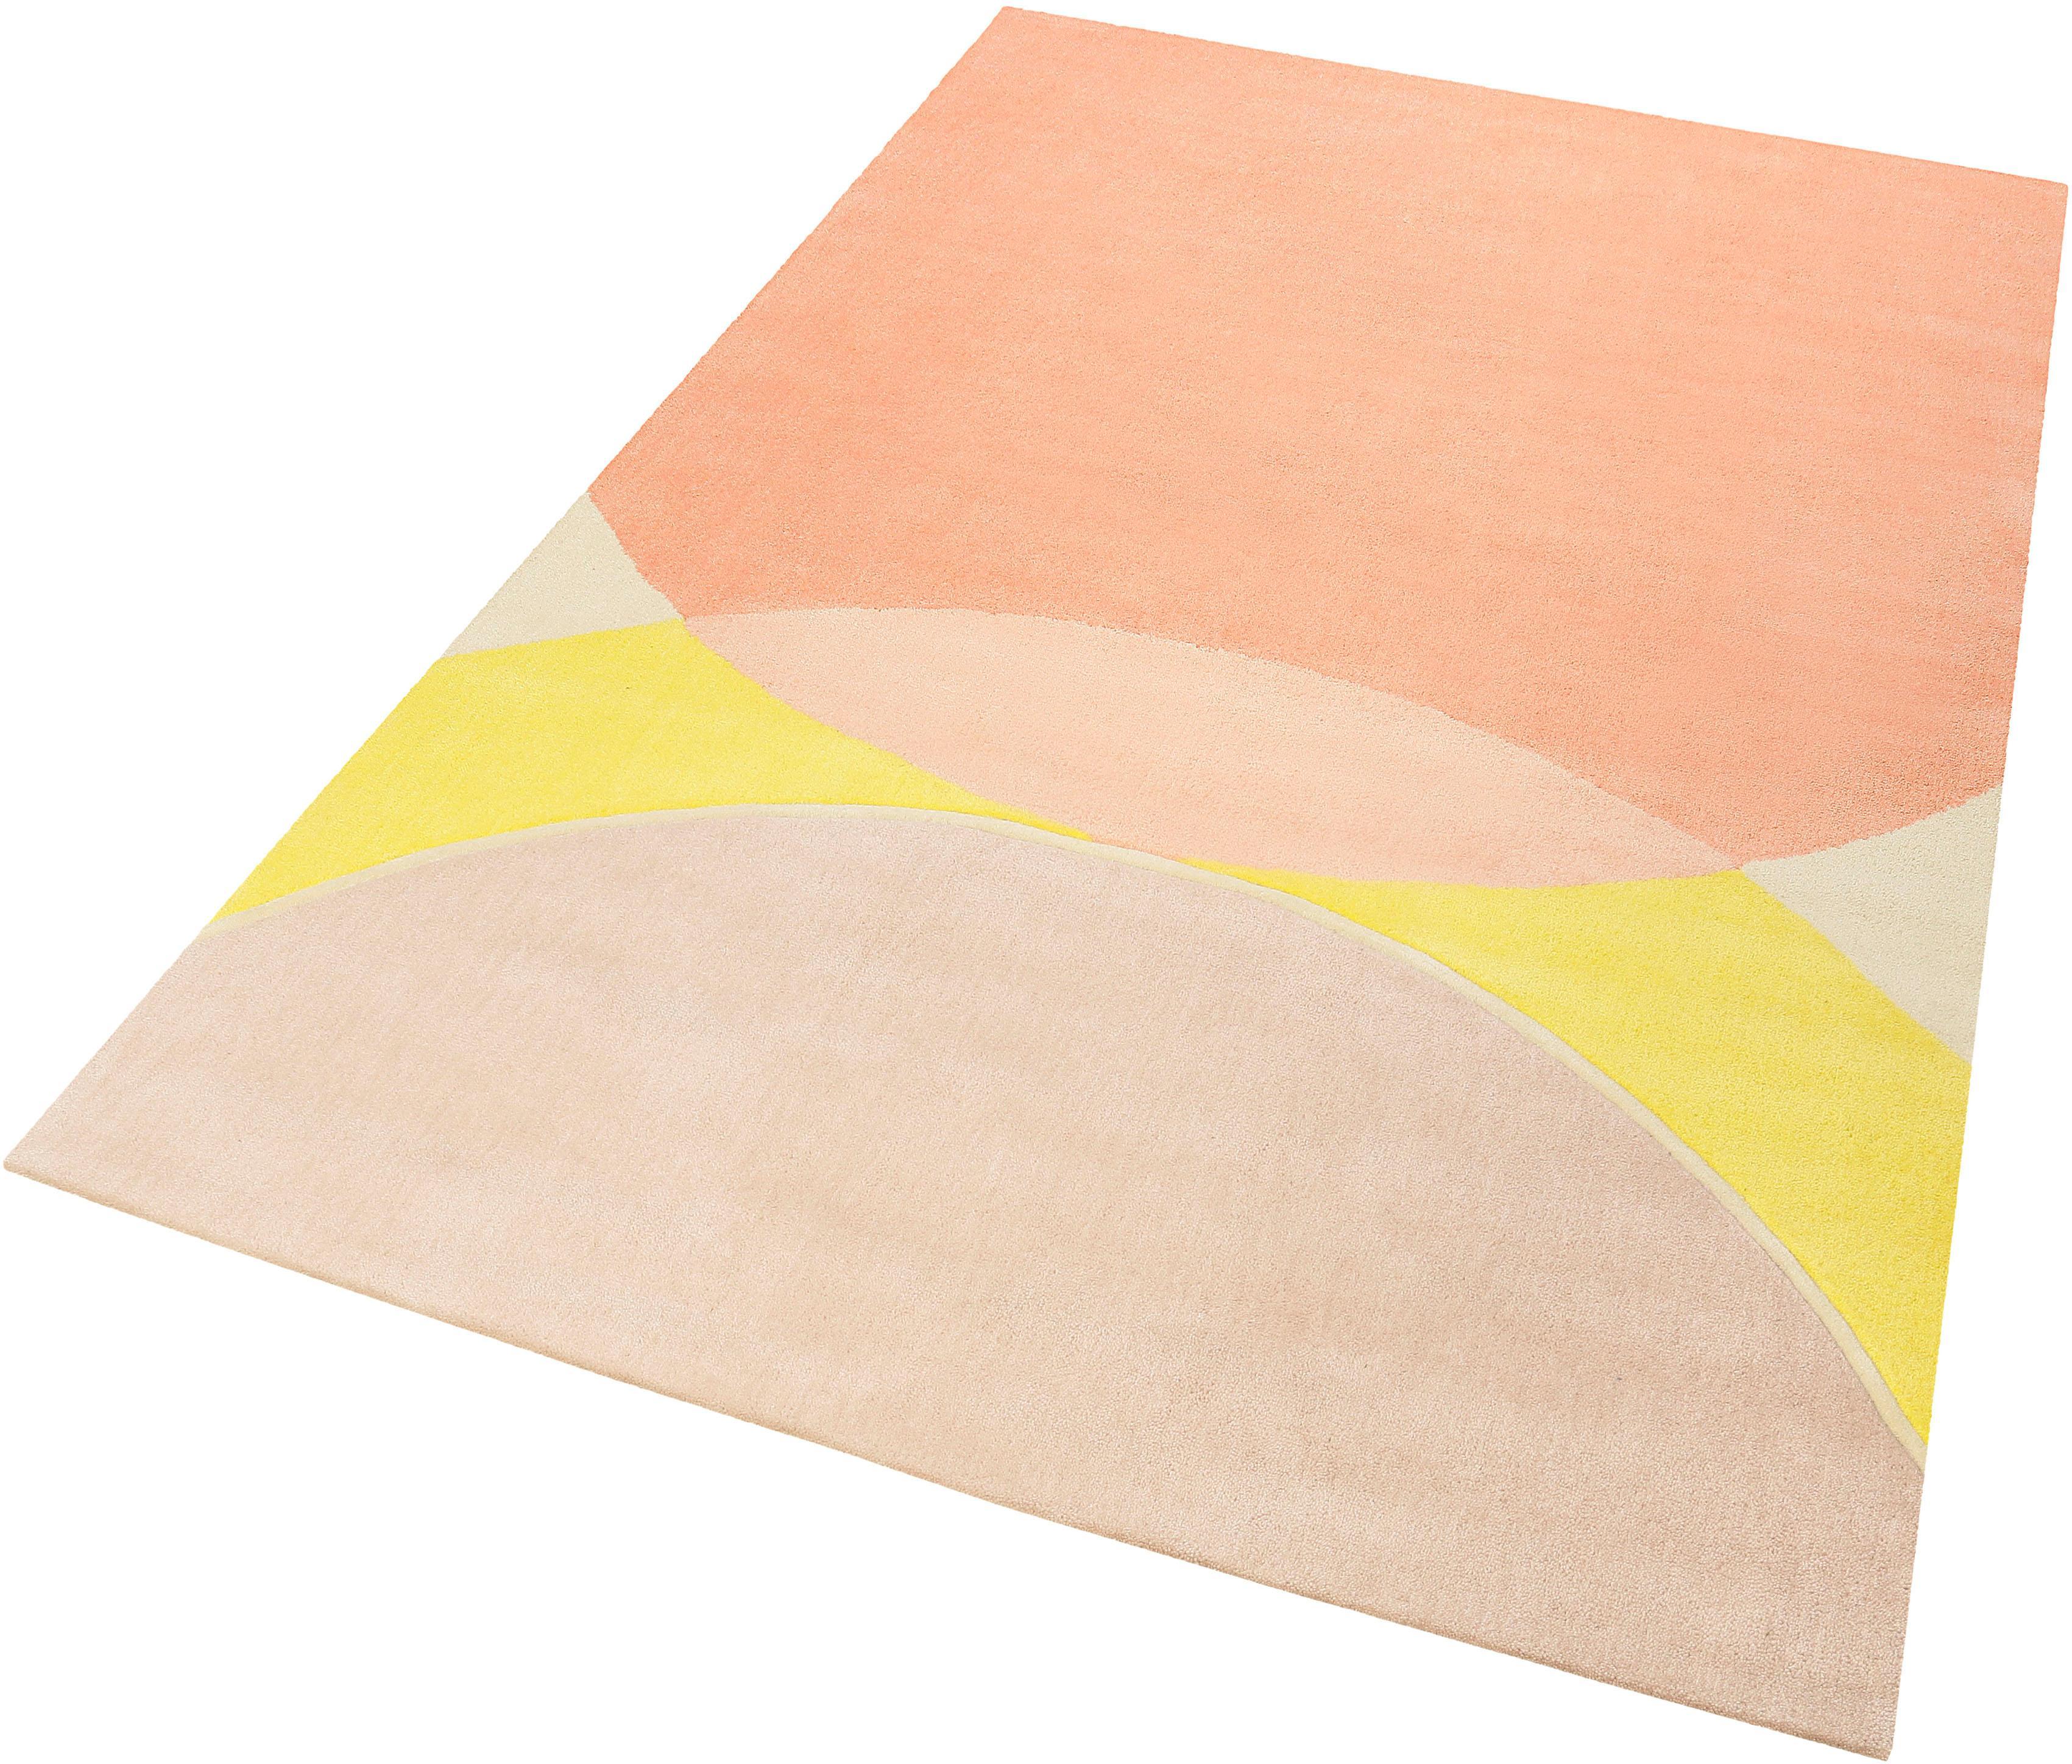 Teppich Tavai Esprit rechteckig Höhe 9 mm maschinell getuftet